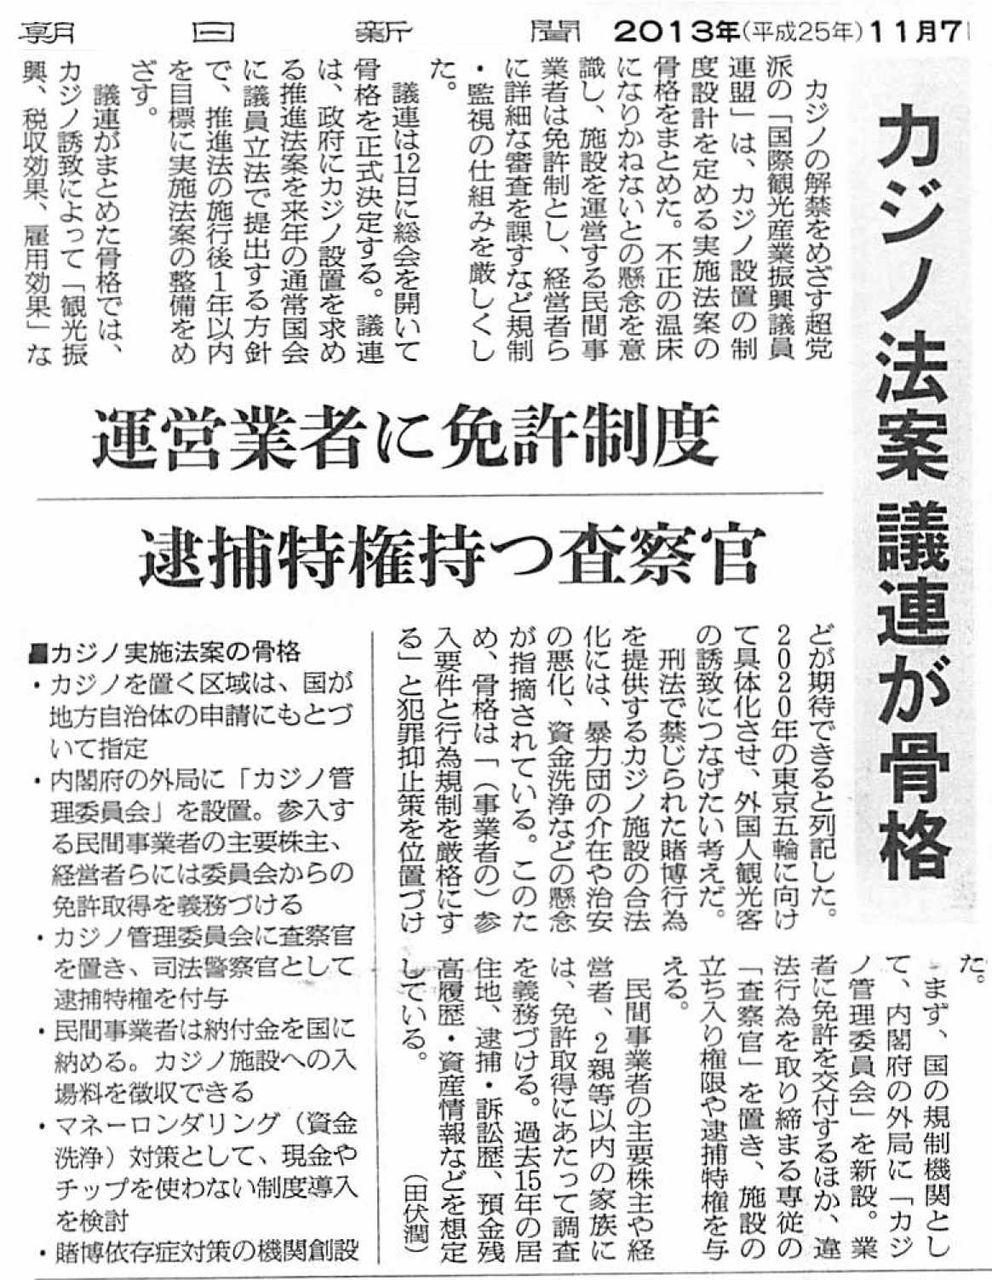 カジノシティ・ 鉄火場小樽《カジノ誘致》2013/11/07朝日新聞、カジノ法案議連が骨格コメントトラックバック